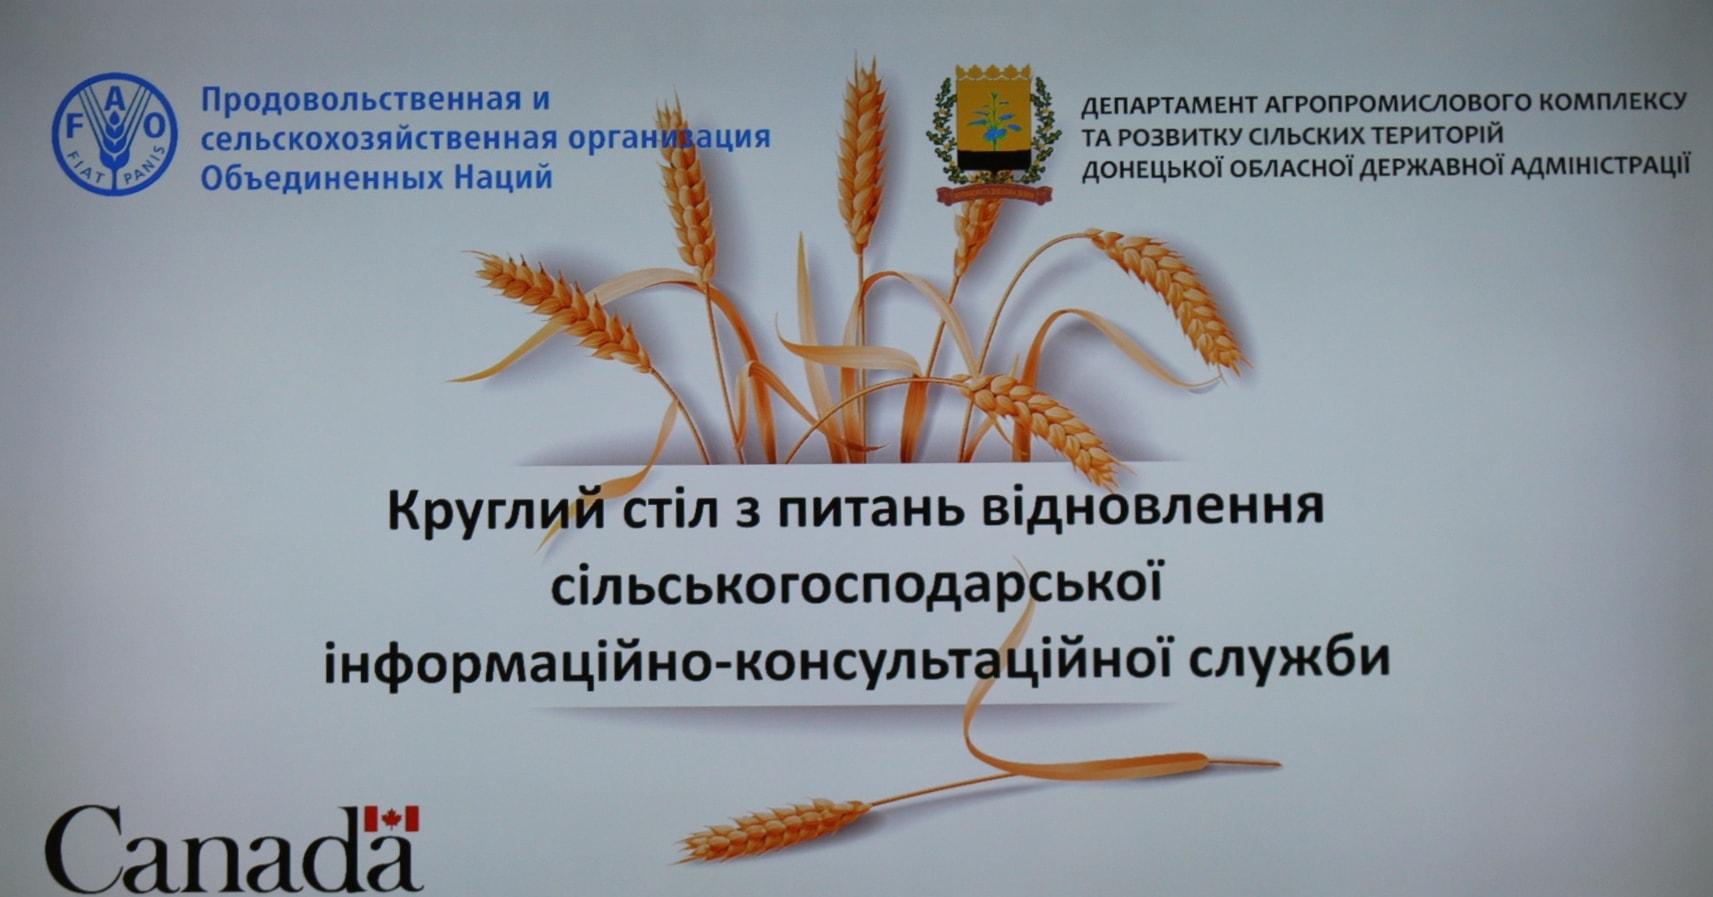 Відновлення дорадницької служби як ефективного механізму підтримки малого сільськогосподарського бізнесу